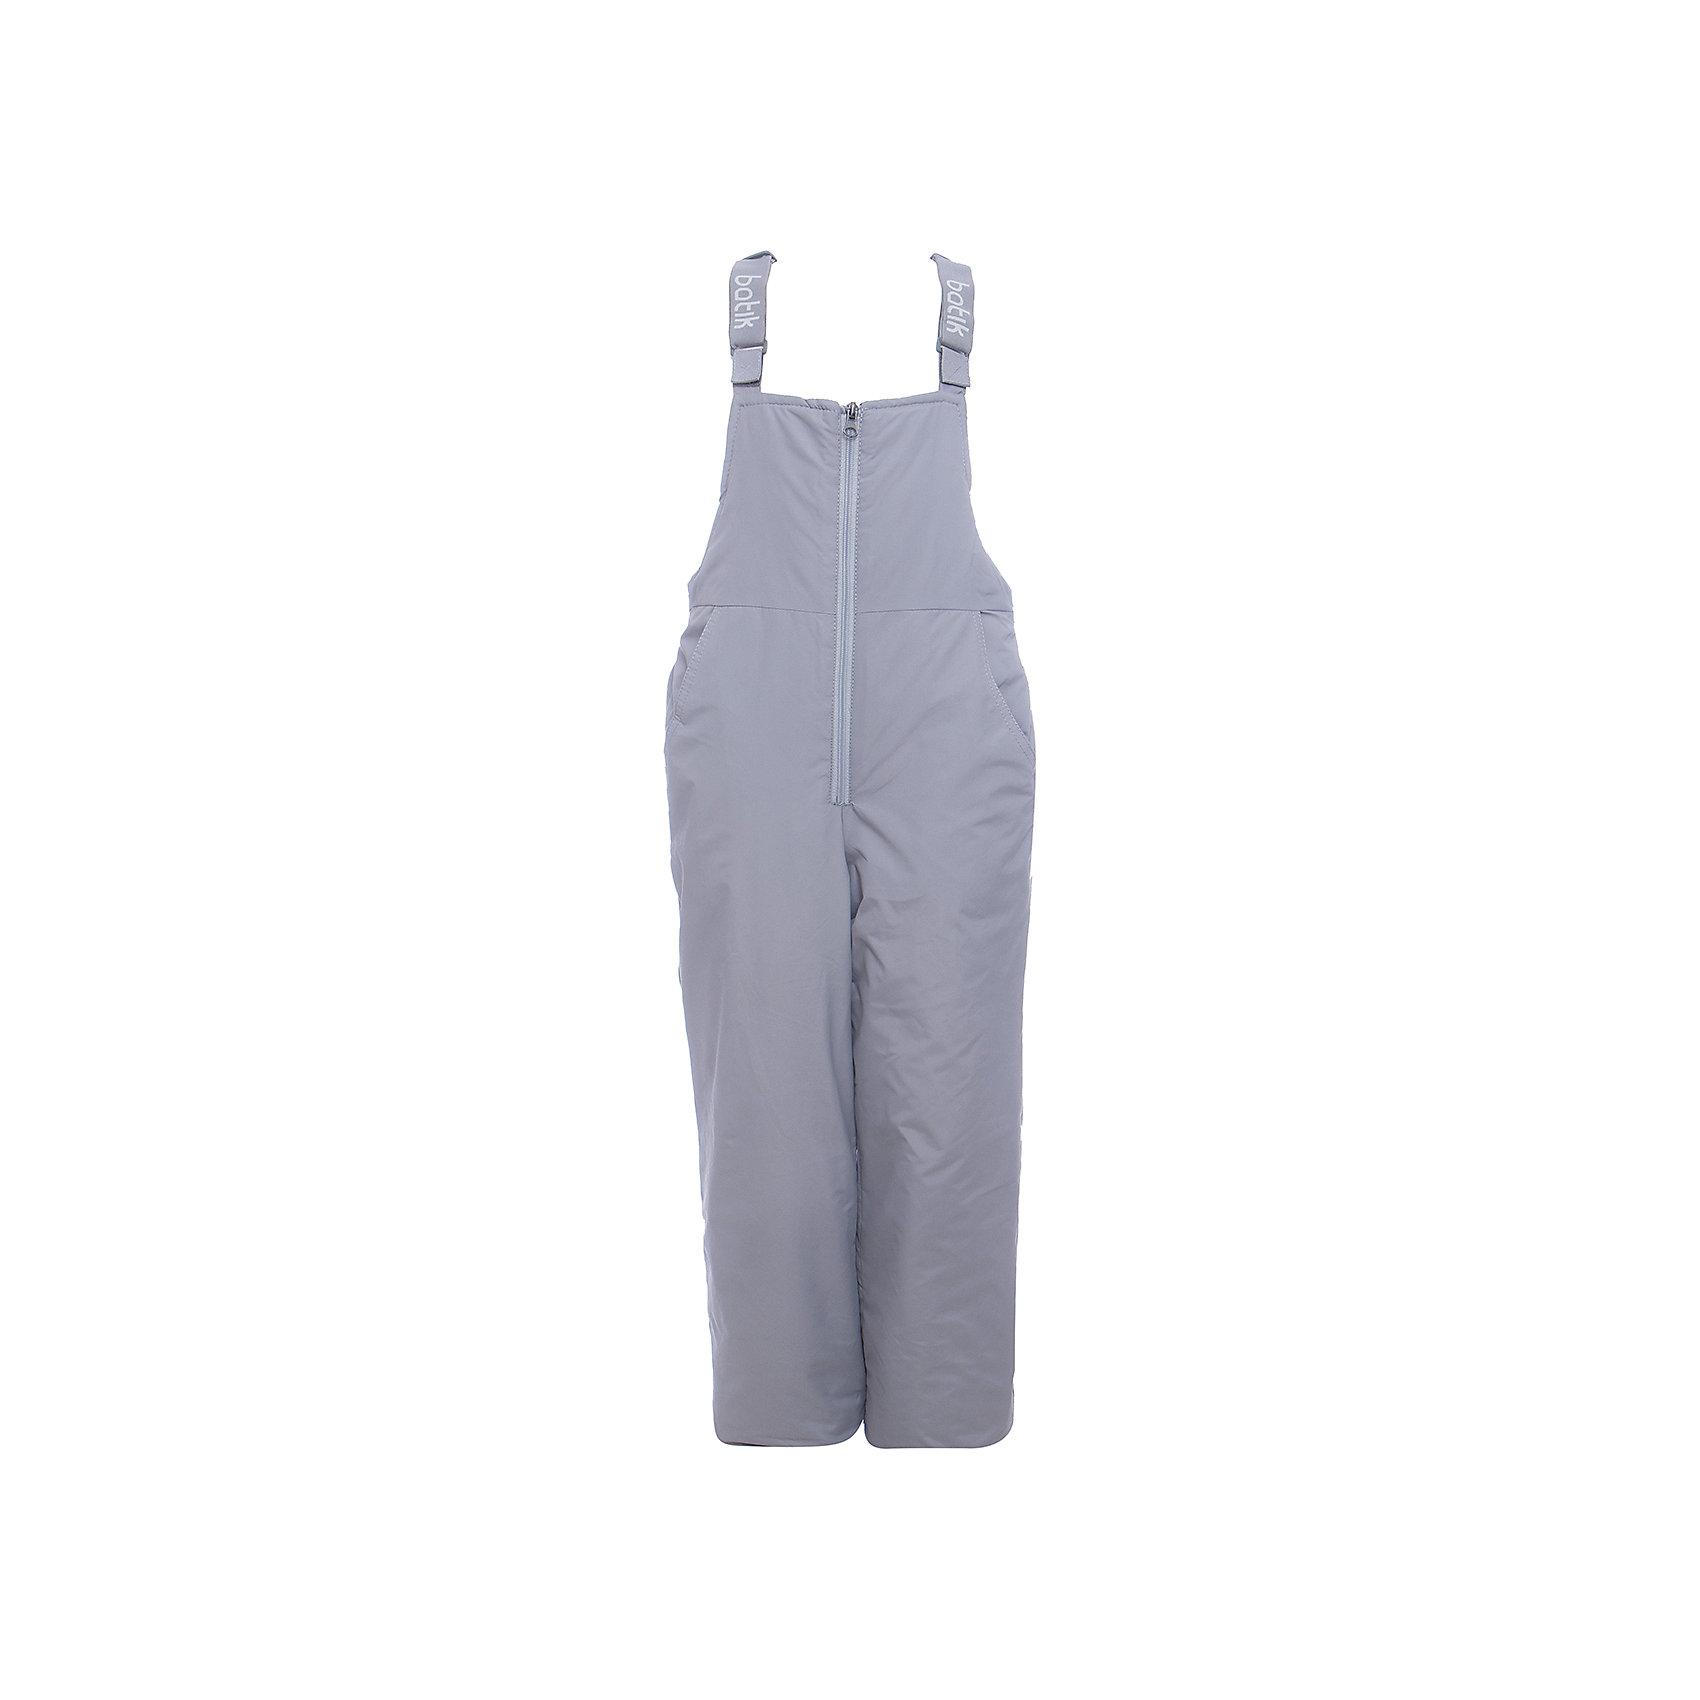 Полукомбинезон Вспышка Batik для девочкиВерхняя одежда<br>Полукомбинезон Вспышка Batik для девочки <br>Верхняя ткань обладает водоотталкивающими и ветрозащитными свойствами мембраны. Полукомбинезон с отстегивающимися лямками.<br>Состав:<br>Ткань верха - TASLON 026;  Утеплитель - Слайтекс 200;  Подкладка - Полиэстер;<br><br>Ширина мм: 215<br>Глубина мм: 88<br>Высота мм: 191<br>Вес г: 336<br>Цвет: серый<br>Возраст от месяцев: 108<br>Возраст до месяцев: 120<br>Пол: Женский<br>Возраст: Детский<br>Размер: 140,122,128,134<br>SKU: 7028521